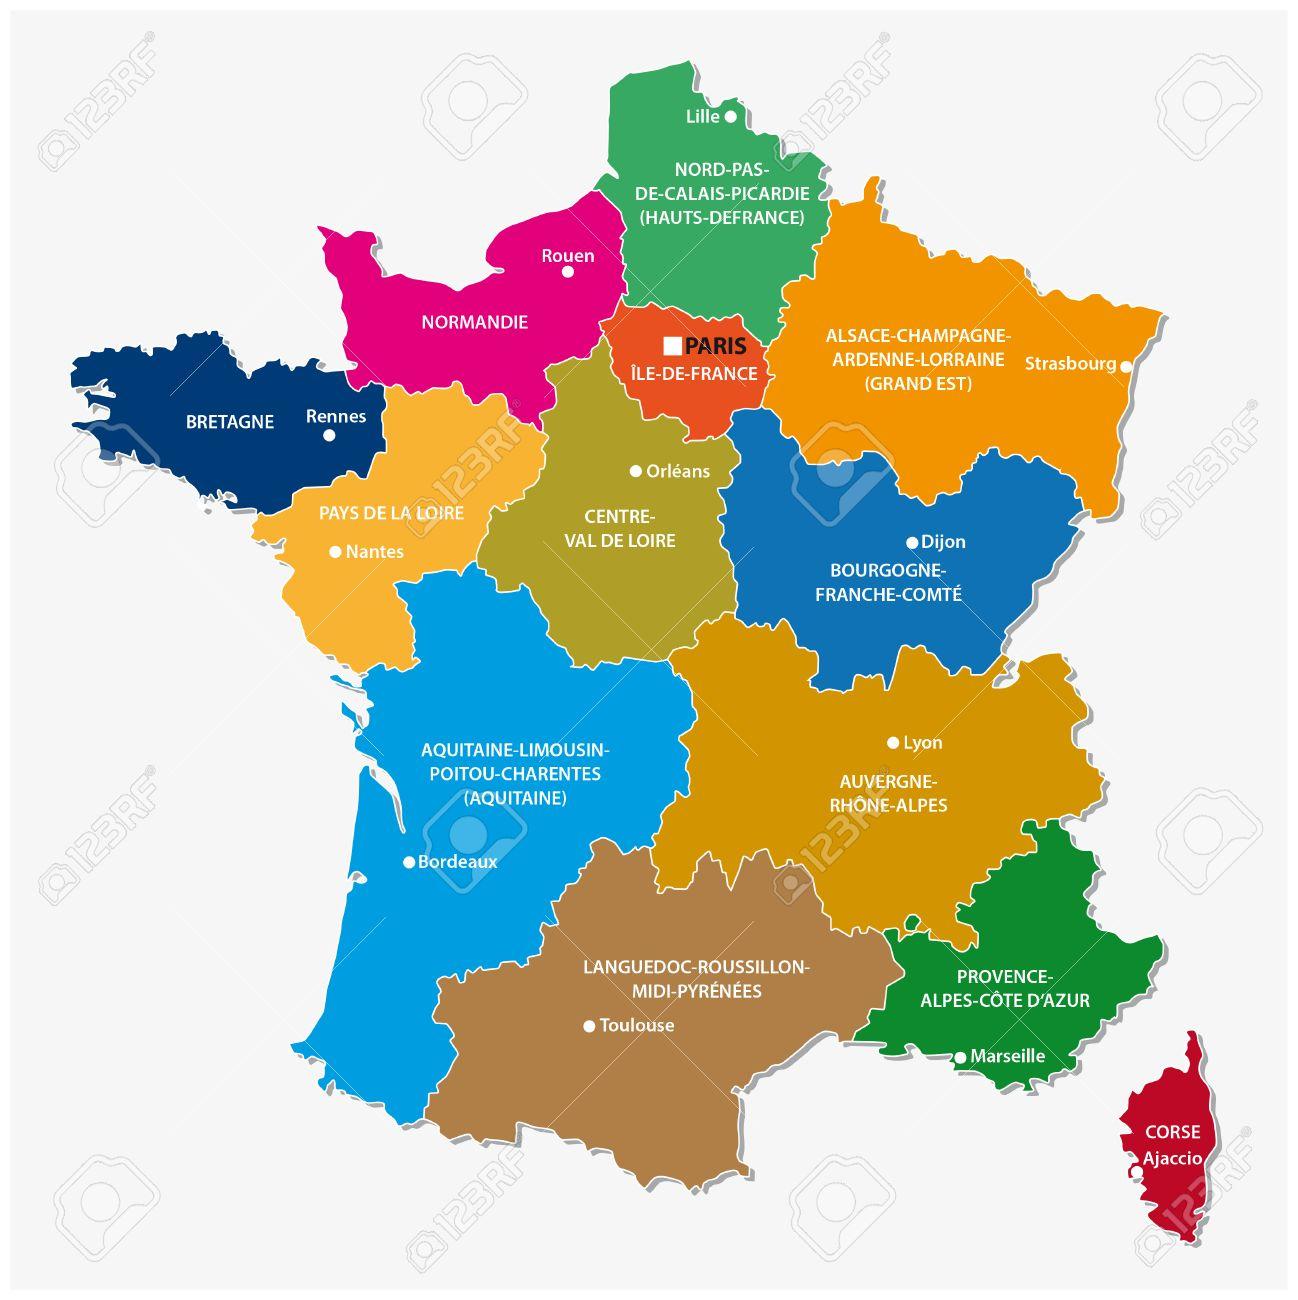 Les Nouvelles Régions De France Depuis La Carte à Nouvelles Régions De France